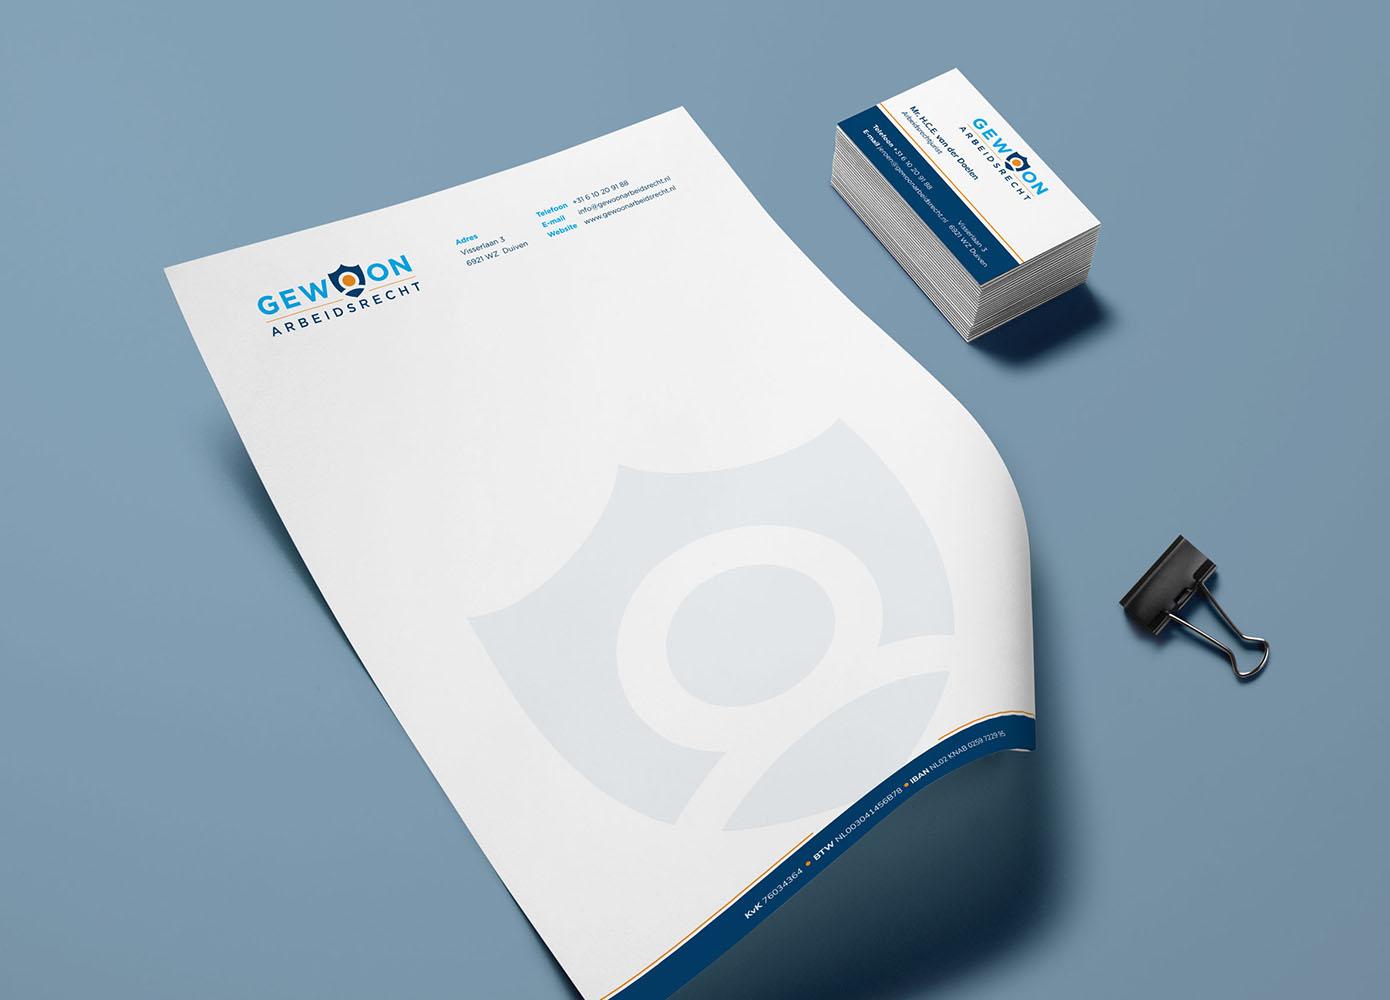 Briefpapier ontwerp van Gewoon Arbeidsrecht